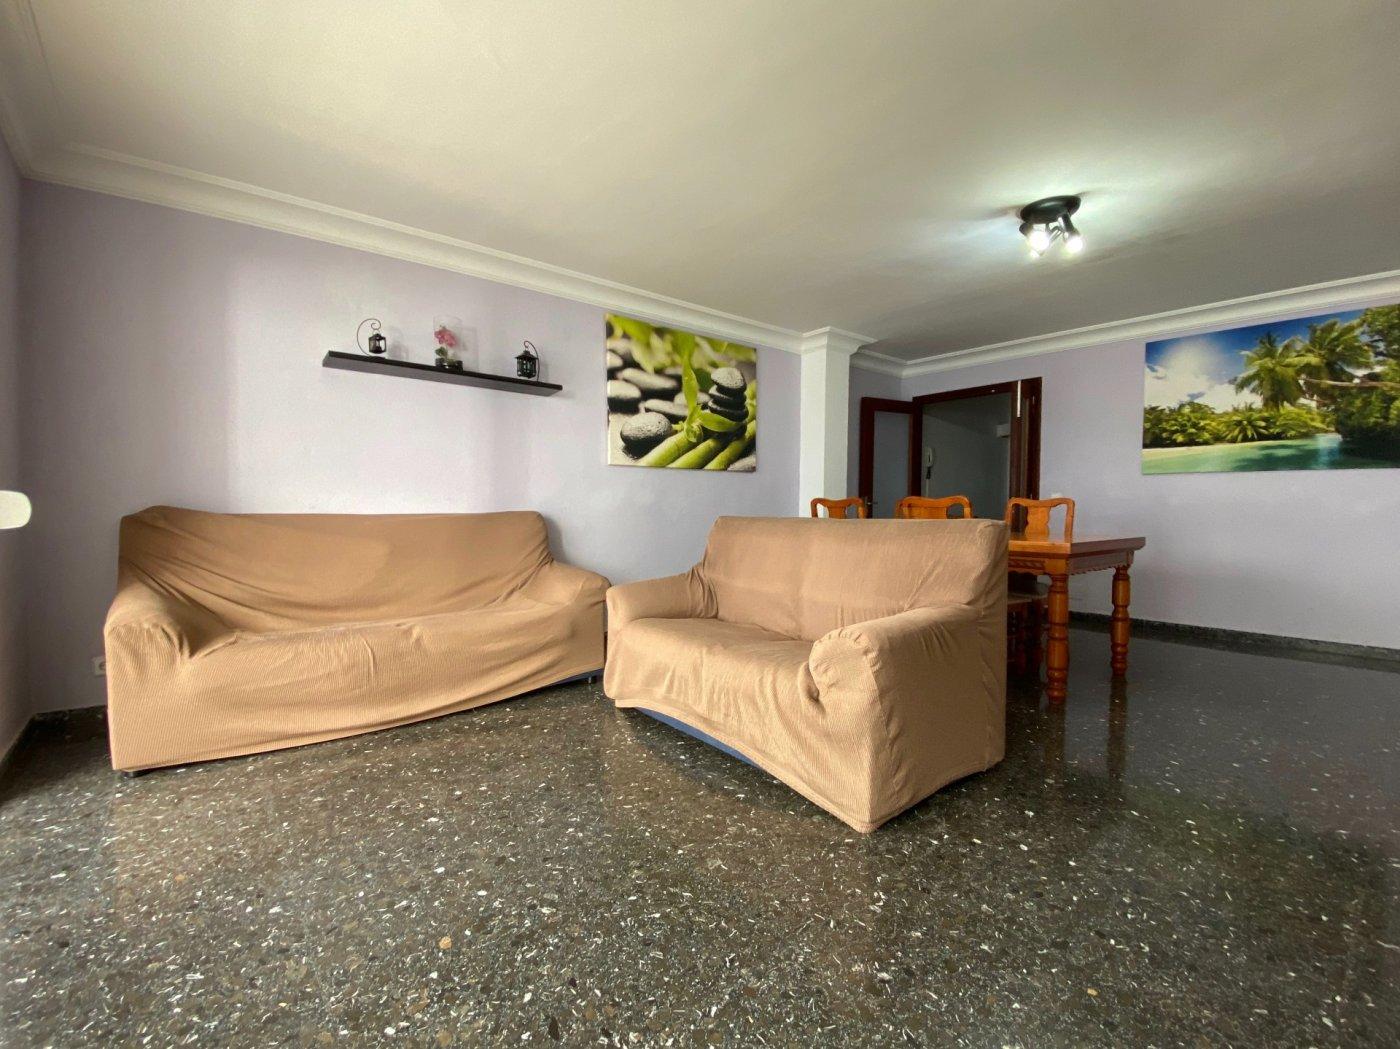 Espacioso piso a la venta en puerto pollensa - imagenInmueble20